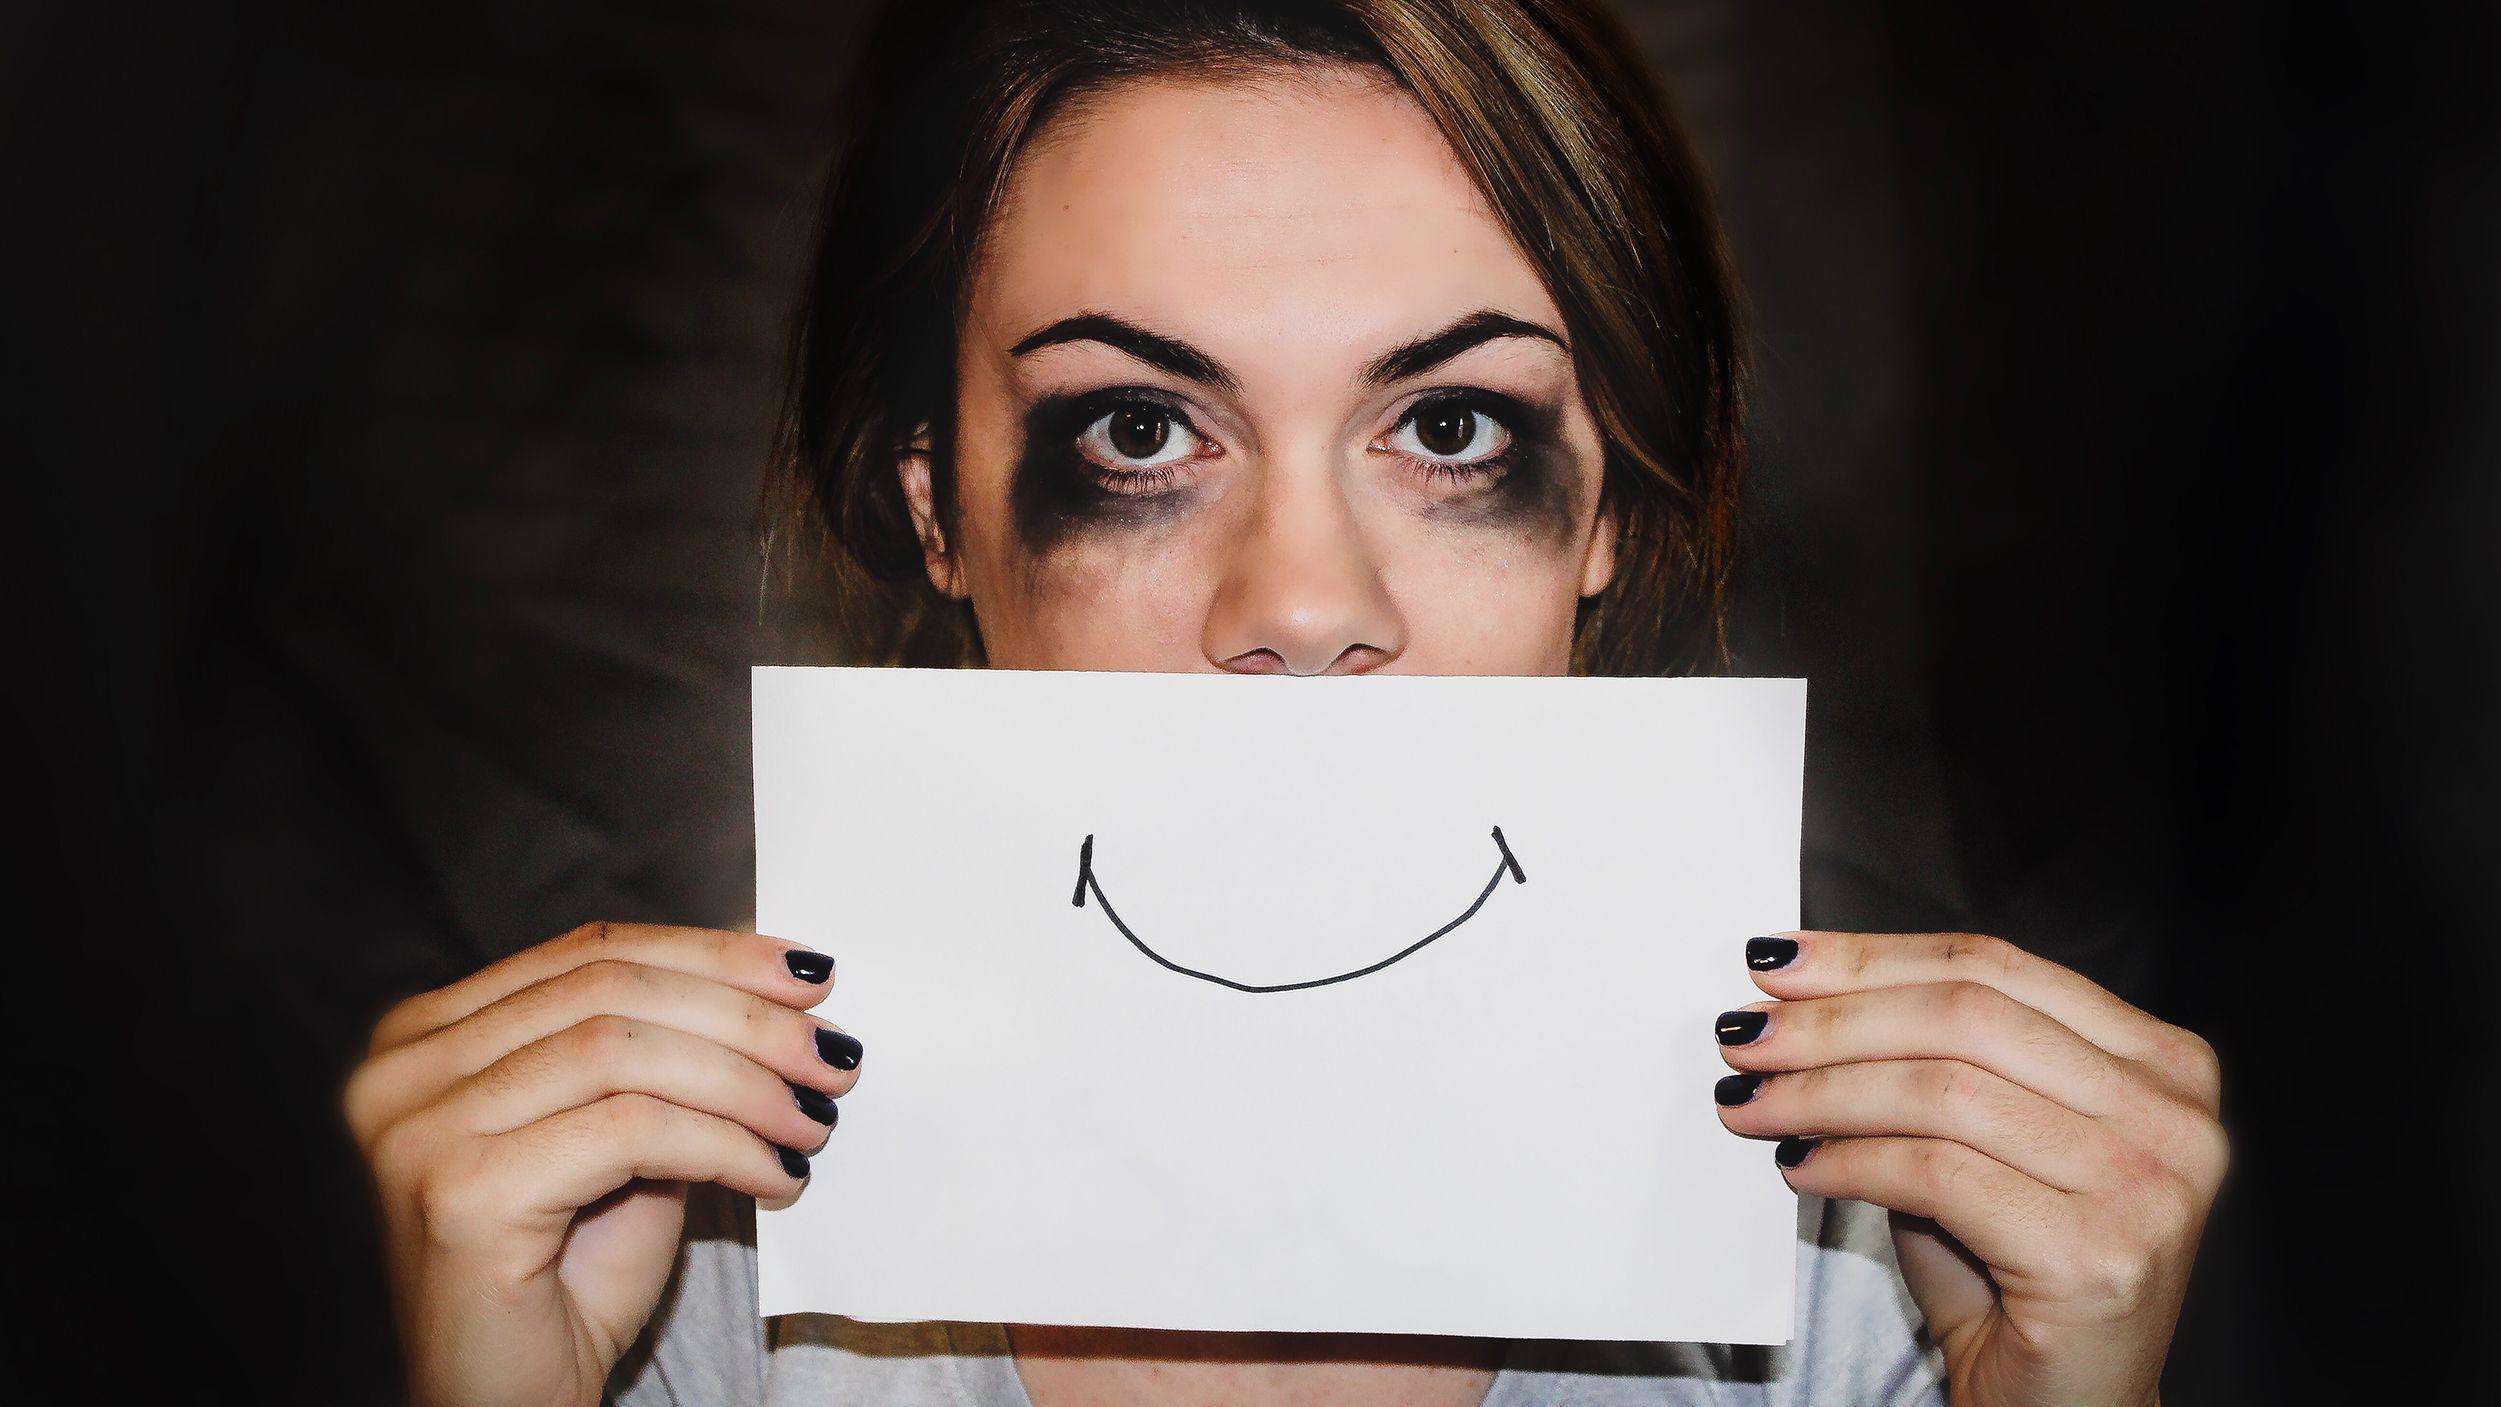 感情認識技術の使用は即刻中止すべき、米AIナウが報告